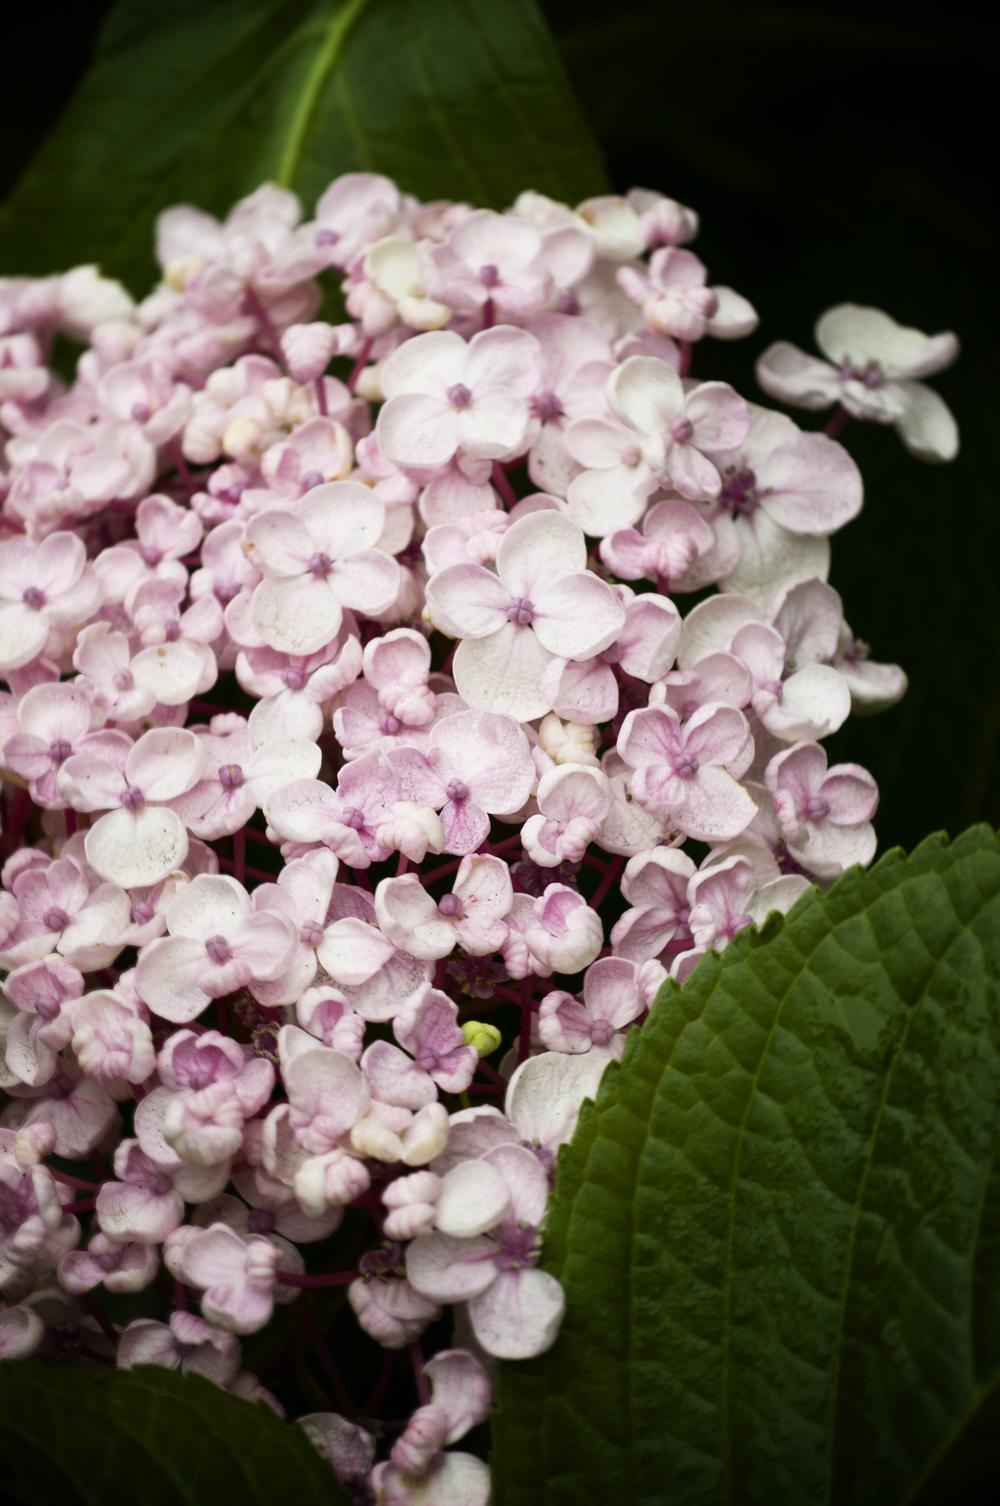 _NIK4666_garden.jpg